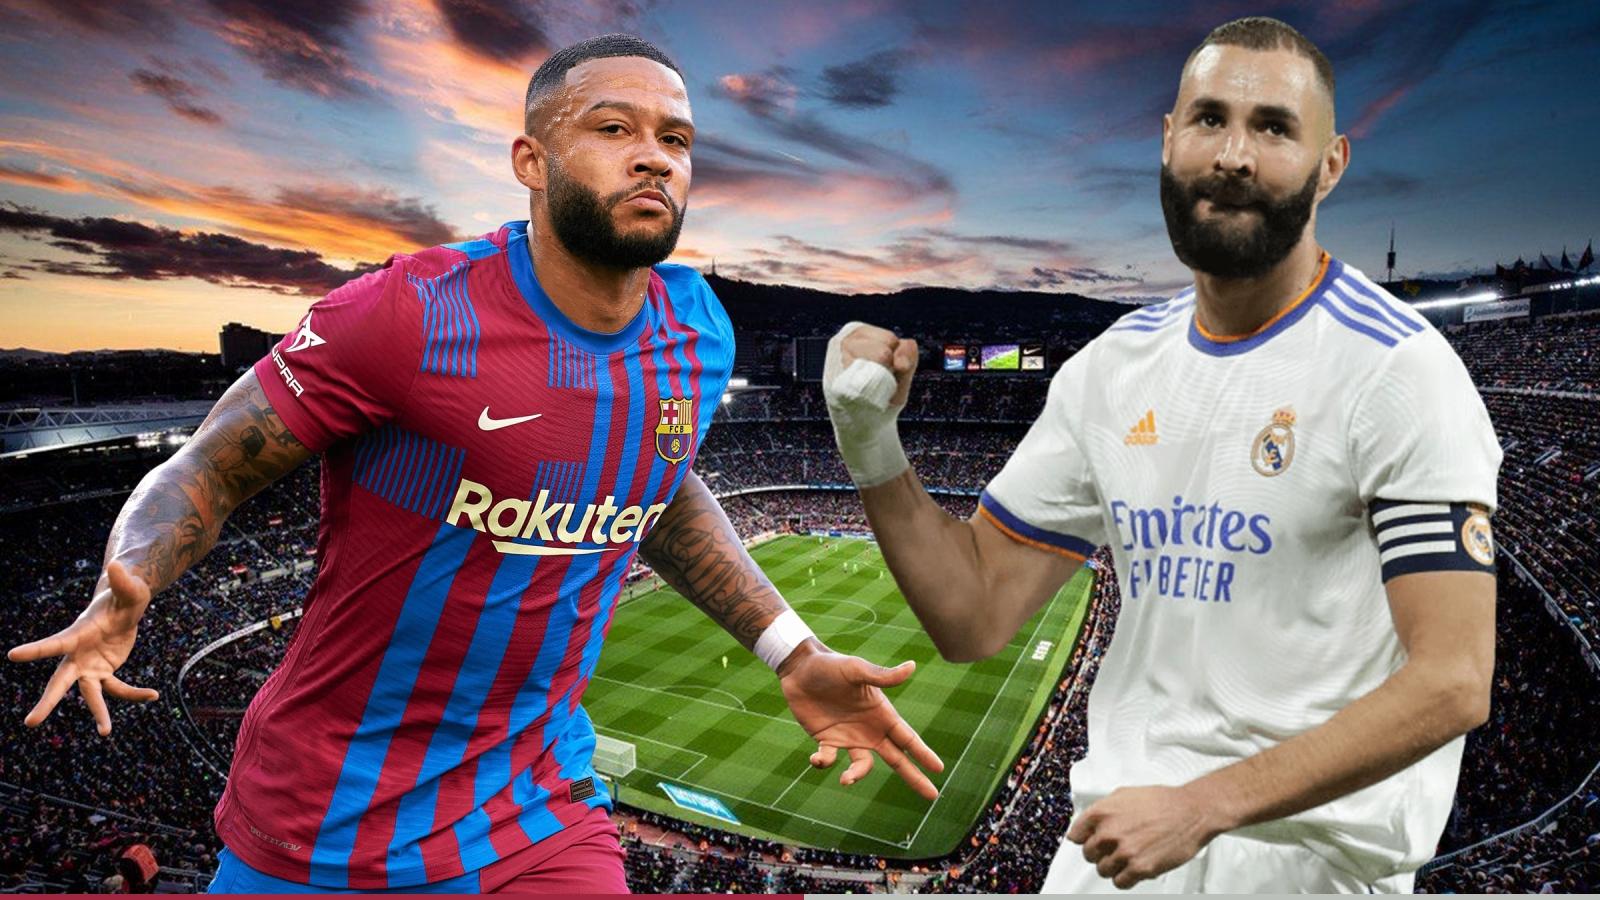 Dự đoán tỷ số, đội hình xuất phát trận Barca - Real Madrid